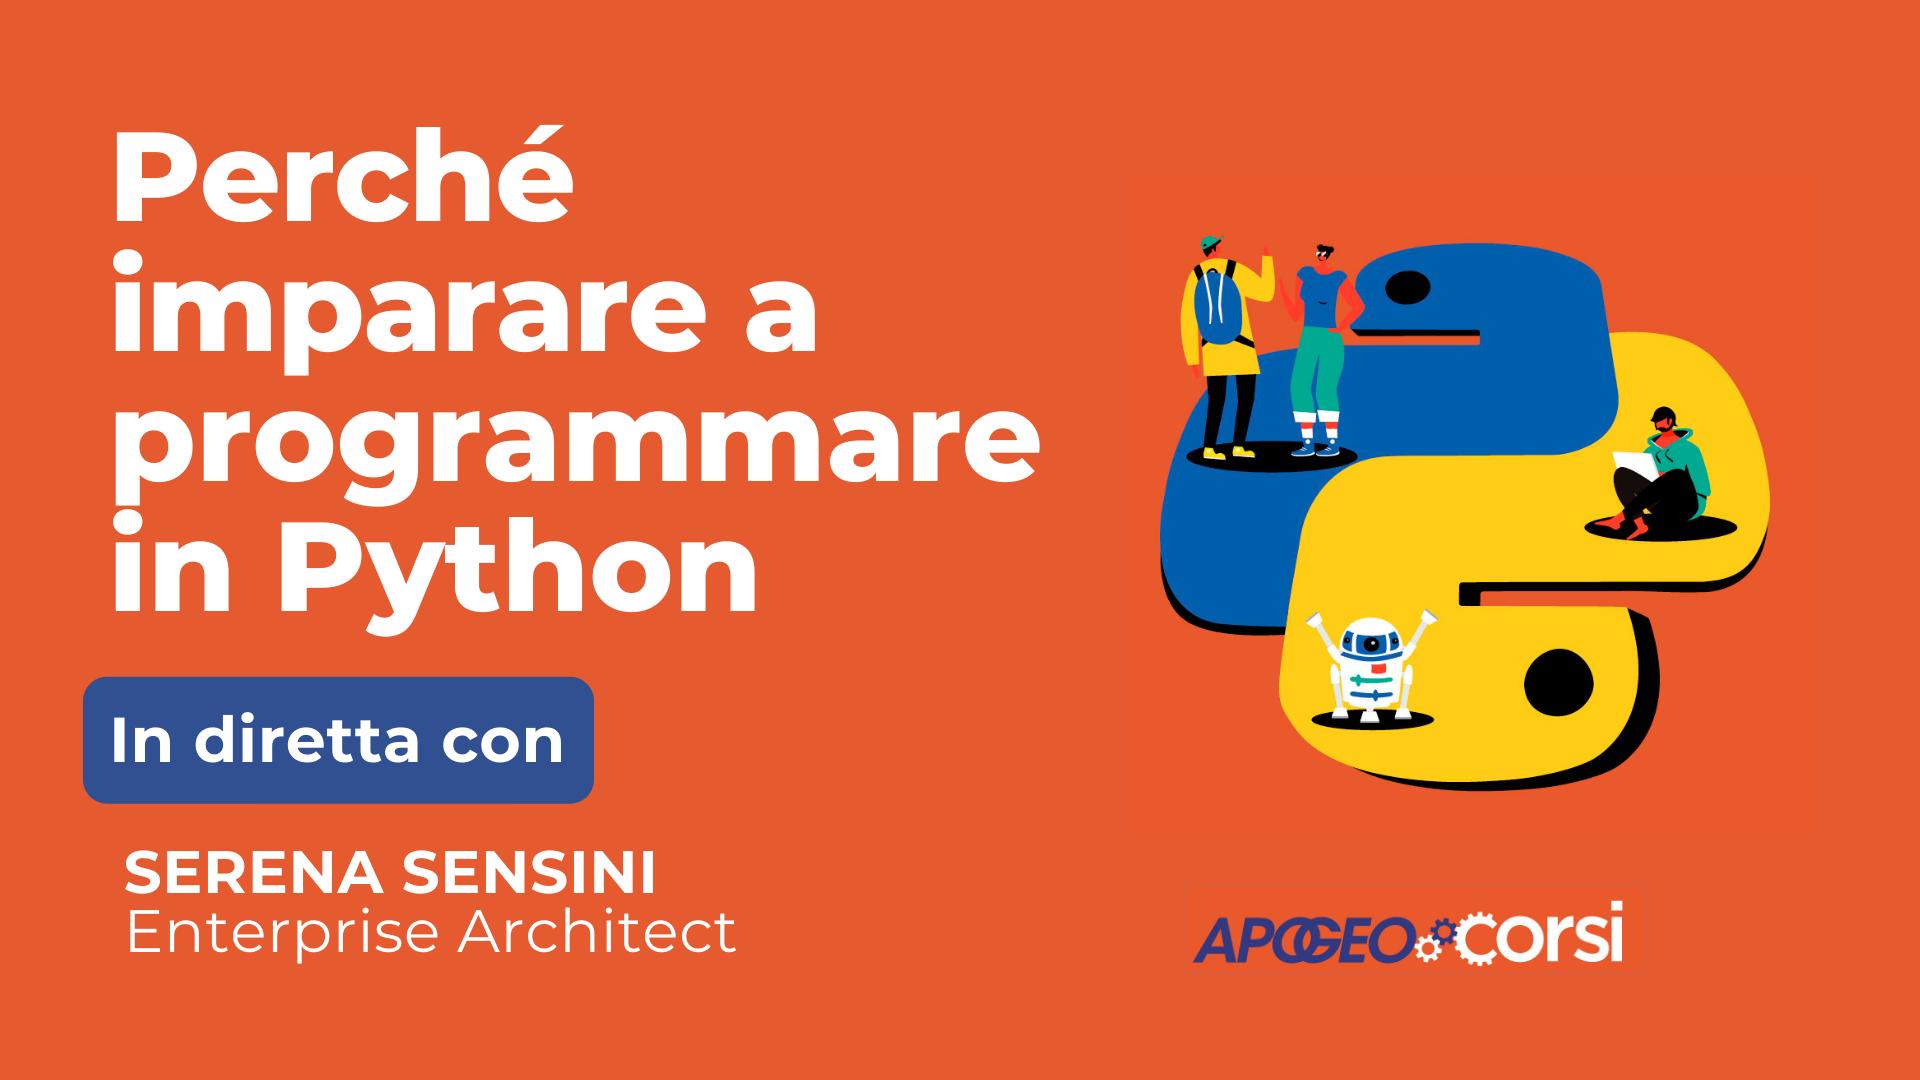 Perché imparare a programmare in Python, con Serena Sensini